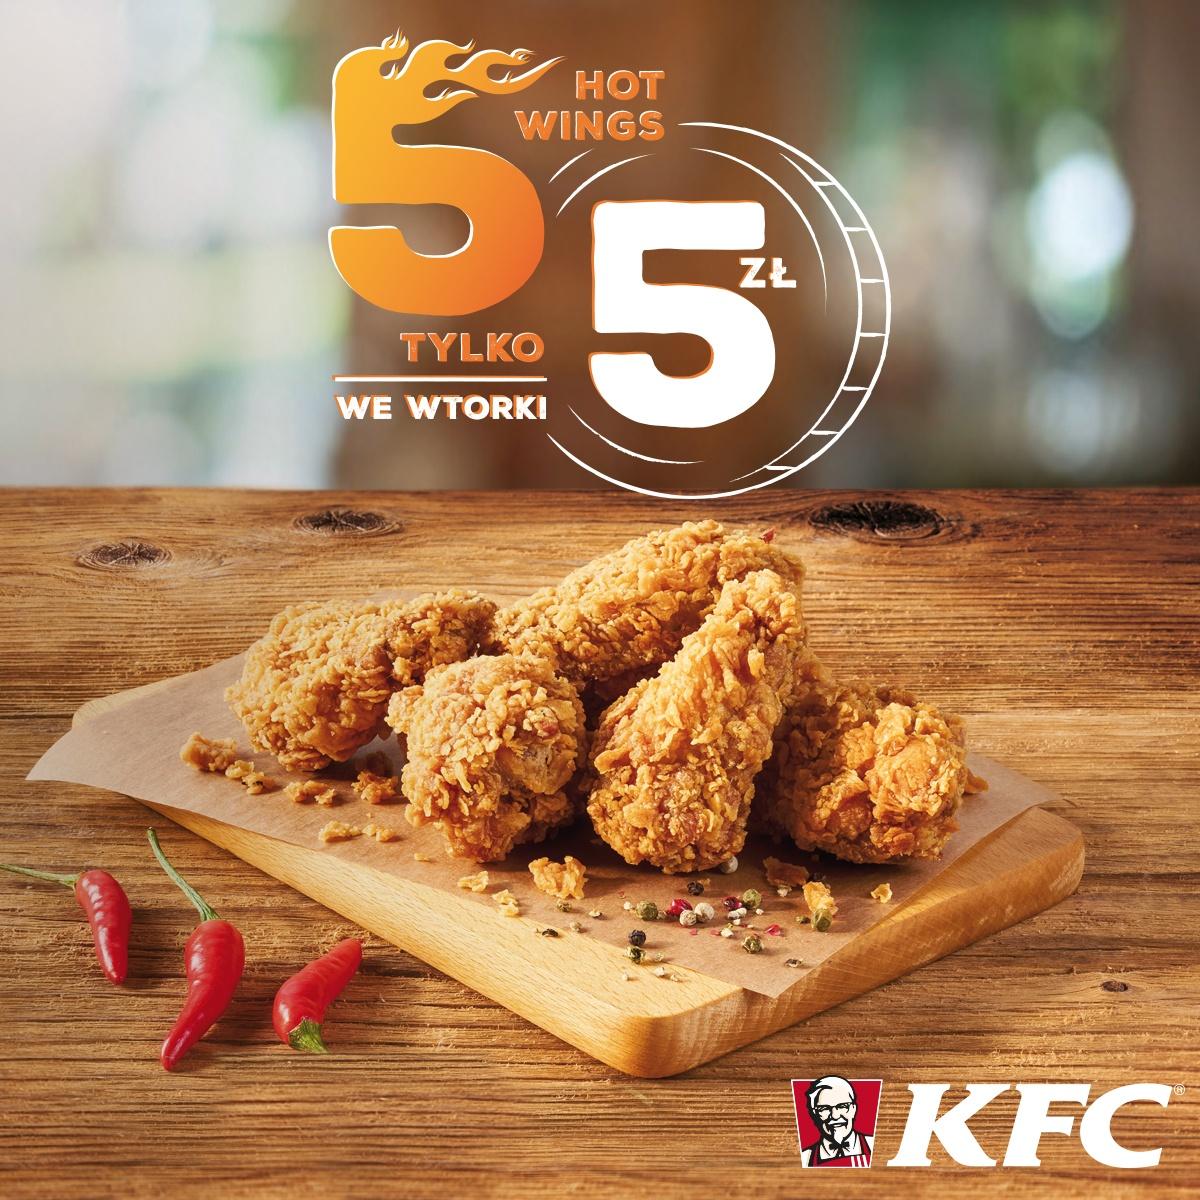 PROMOCJA W KFC